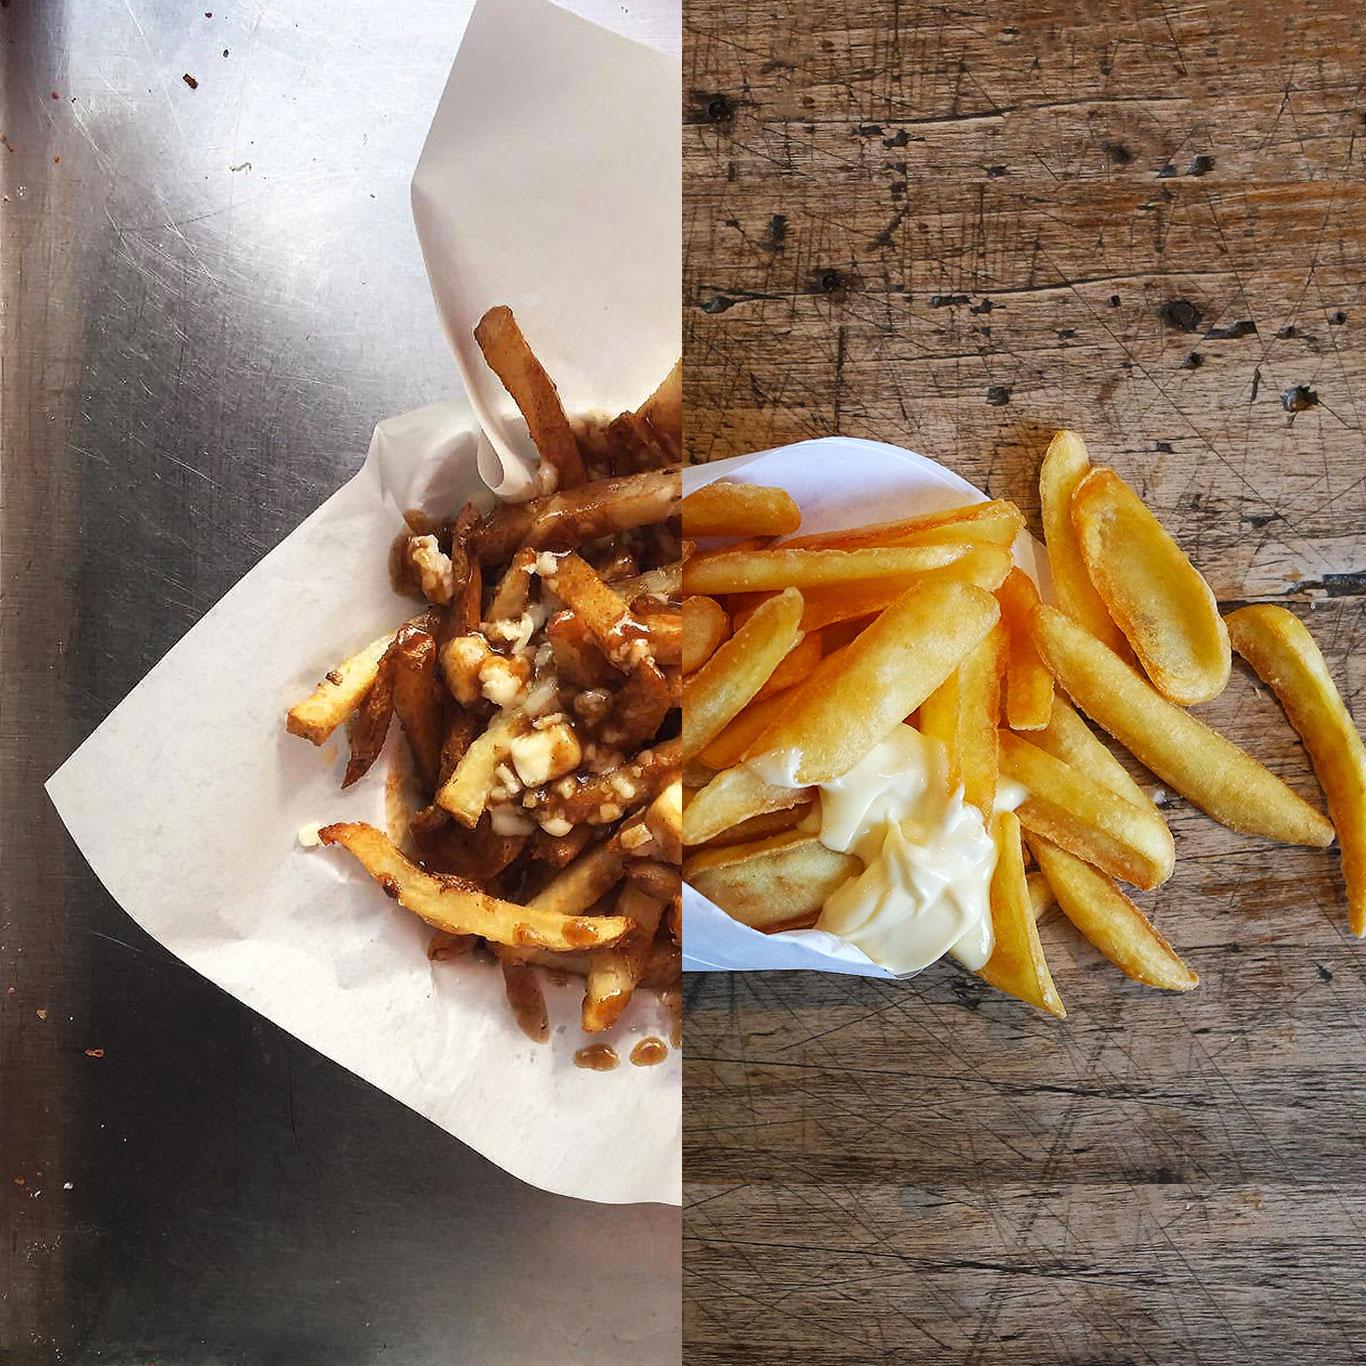 zalando-creative-content-award-belgium-canada-blog-style-mode-frites-poutines-toronto